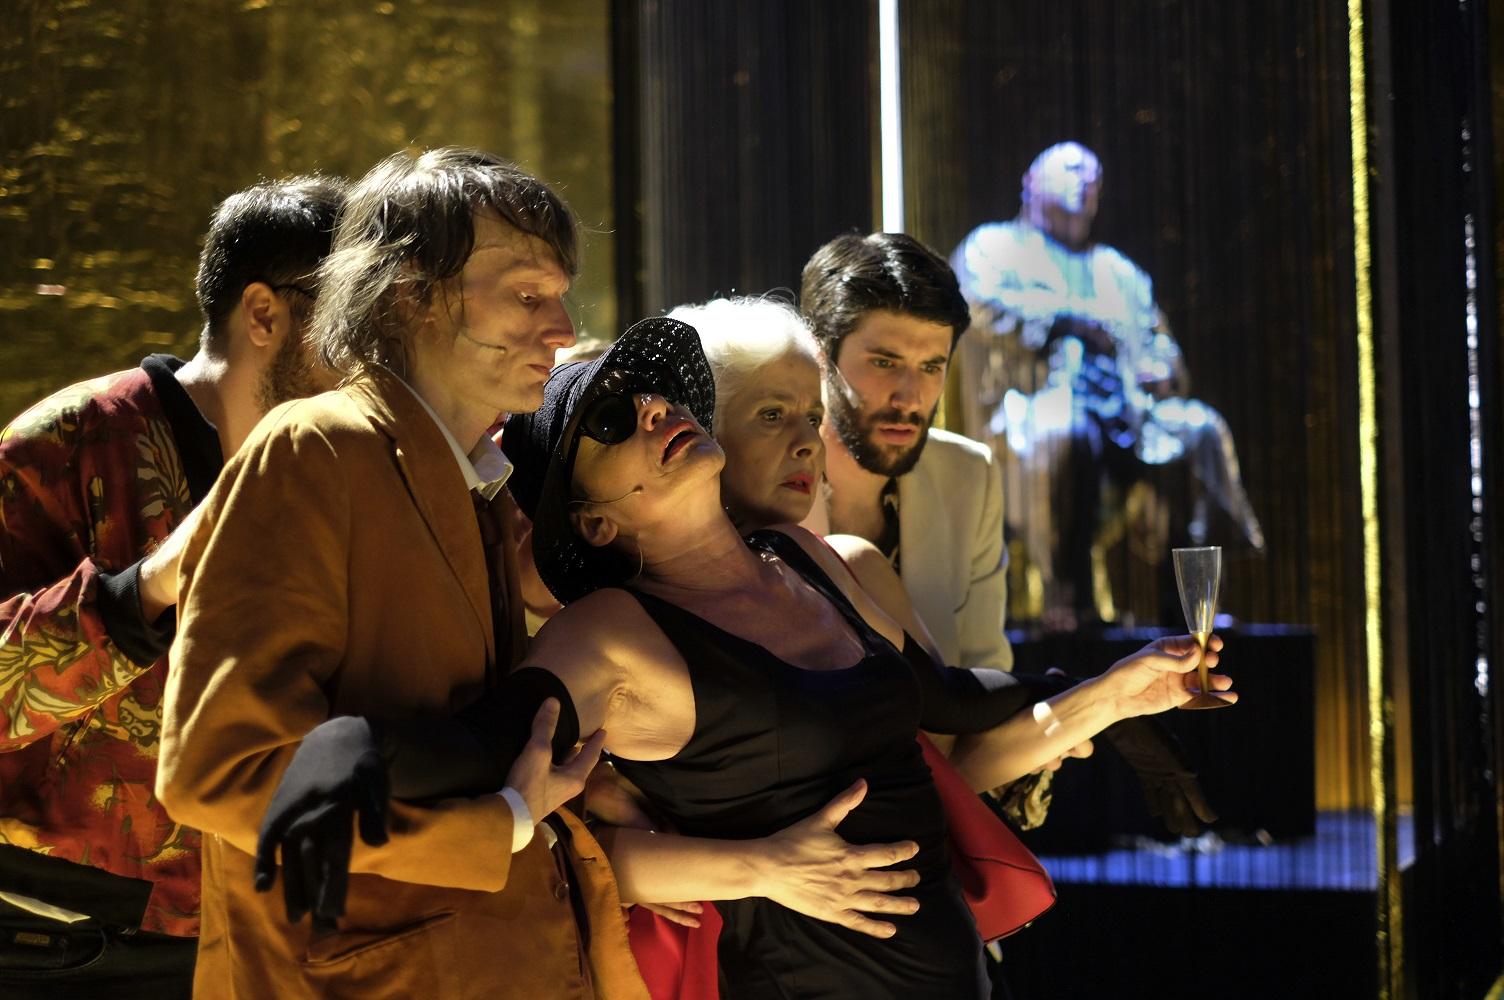 Napoli, Teatro San Ferdinando: Il Satyricon di Francesco Piccolo